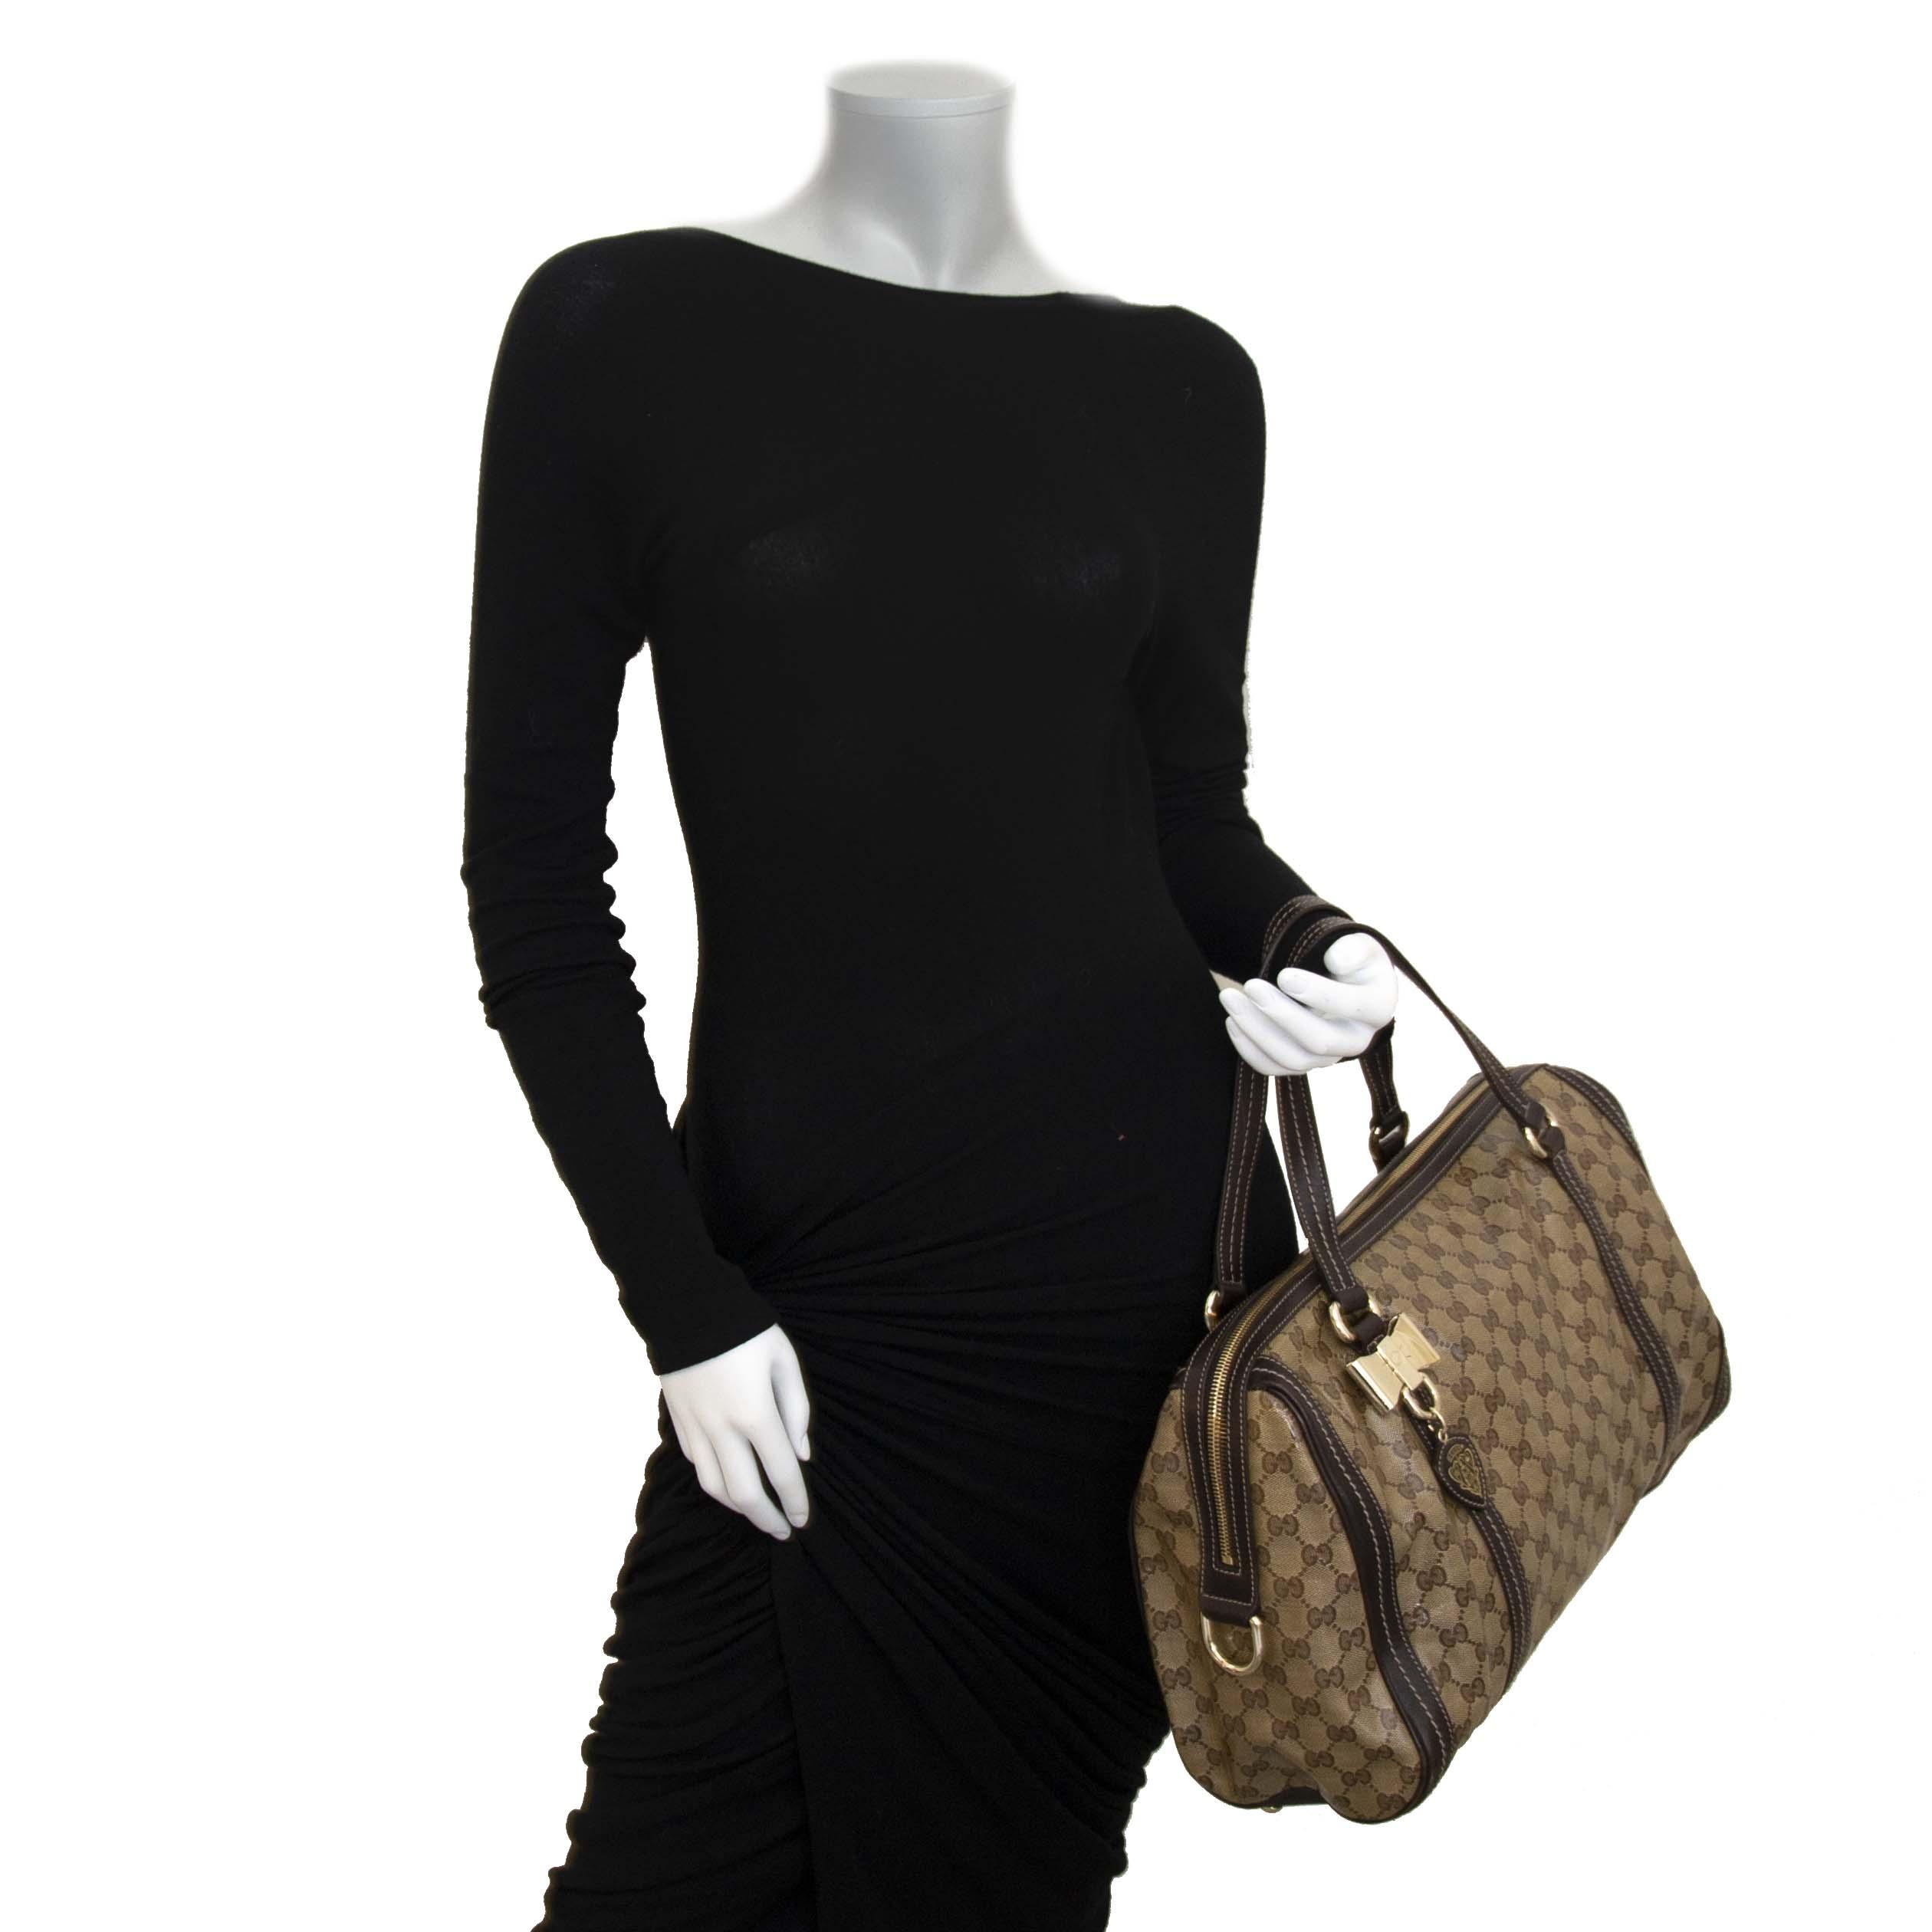 1d23d74cd6a7 ... sale at Labellov secondhand luxury Koop en verkoop uw authentieke  designer handtassen aan de beste prijs bij Labellov · Gucci